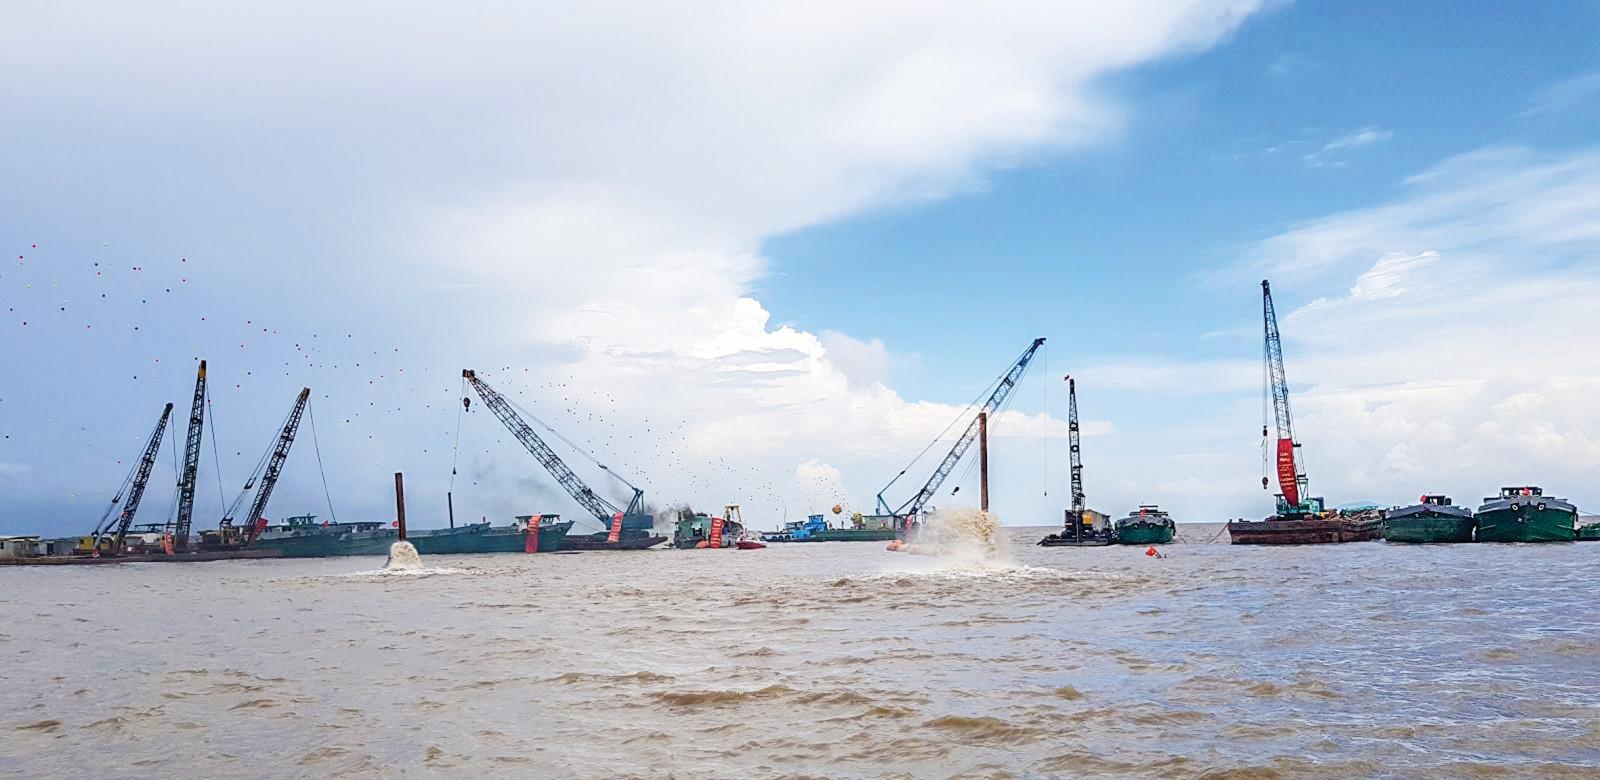 Nghi thức khởi công xây dựng khu đô thị lấn biển Phú Cường Hoàng Gia của Công ty Cổ phần Đầu tư Phú Cường Kiên Giang.